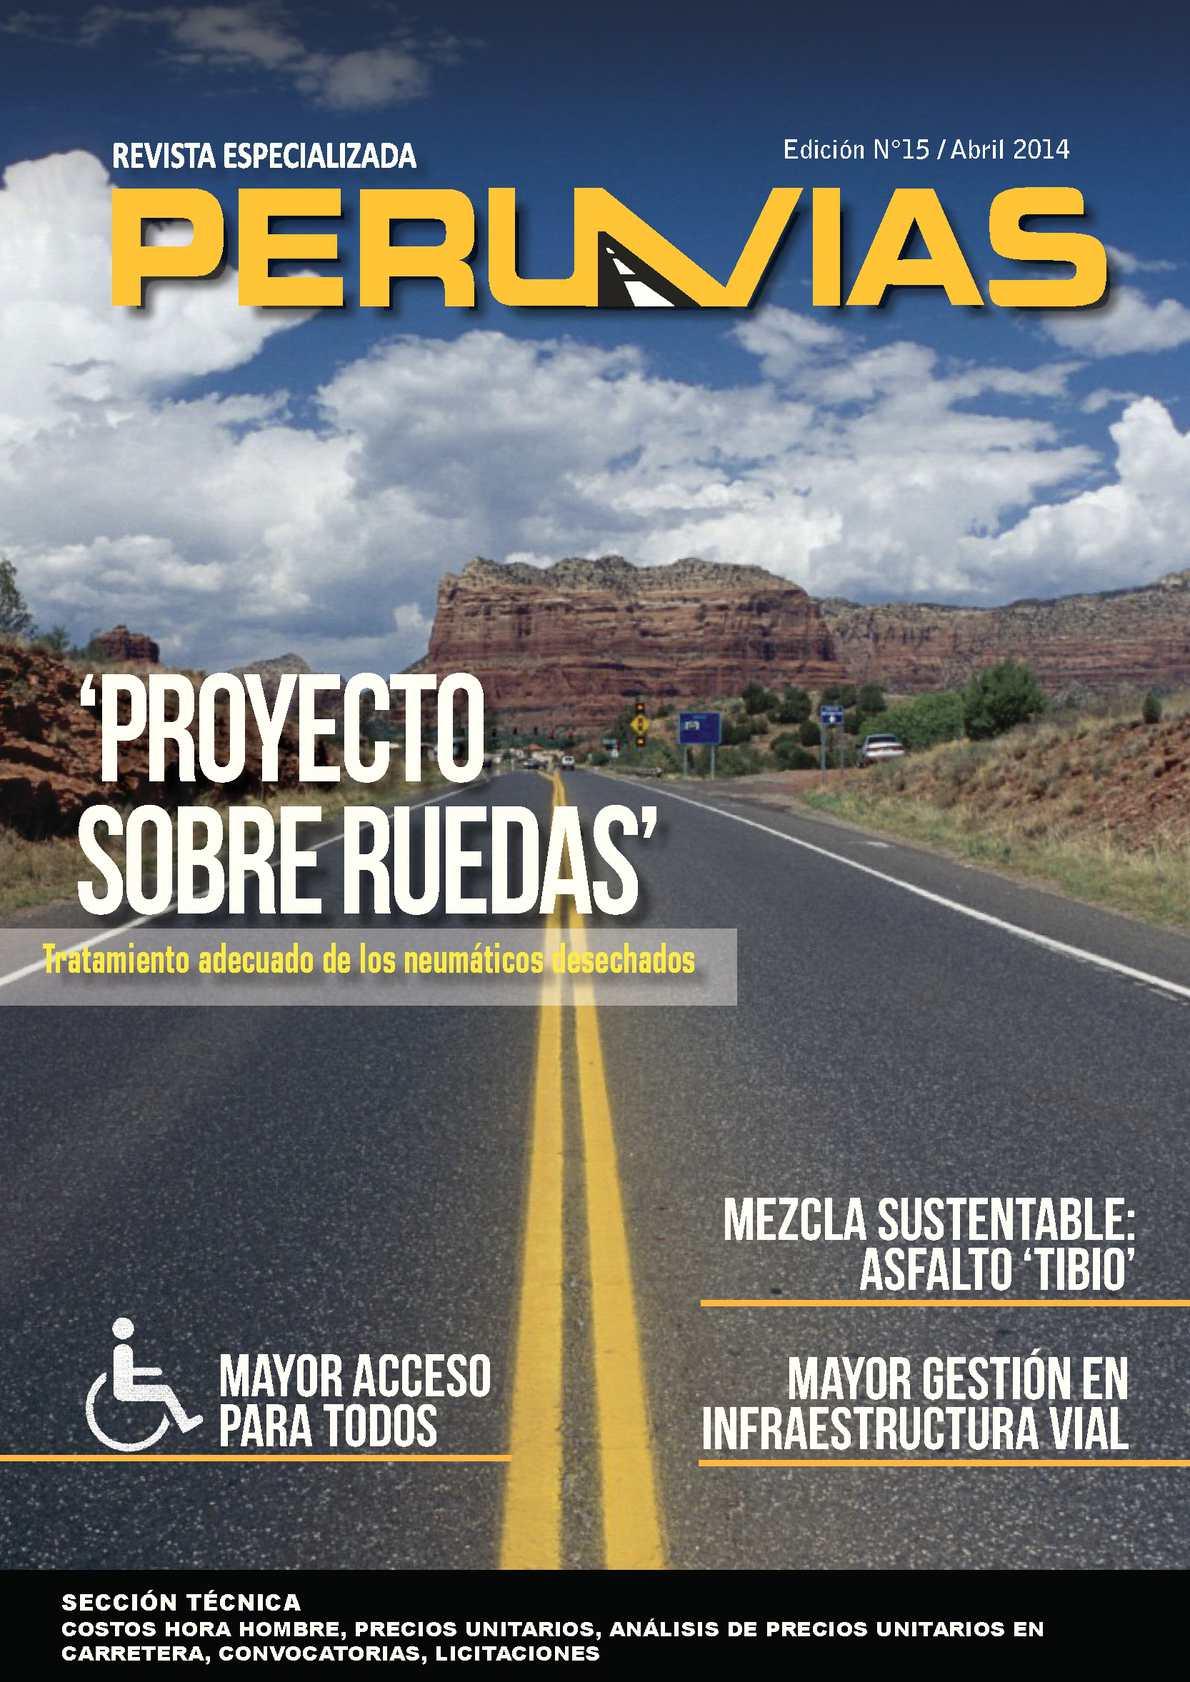 Revista Perú Vías Edición N° 15